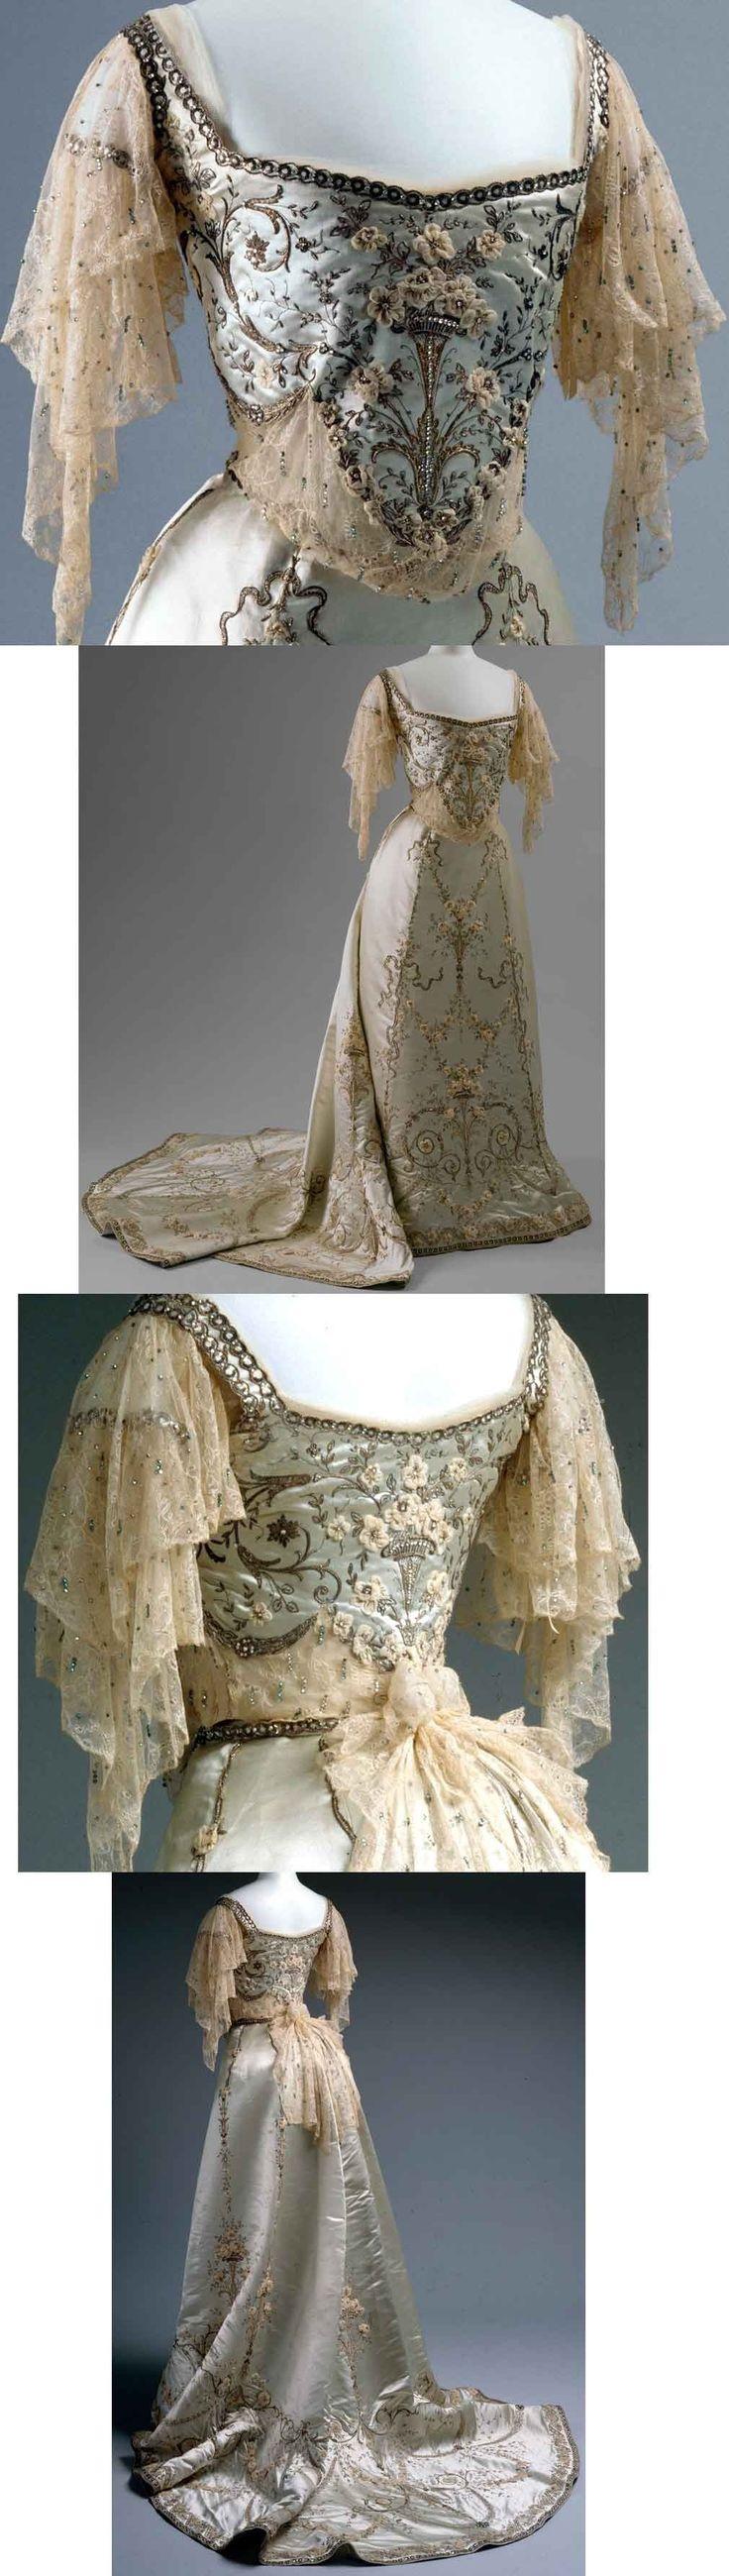 Worth ballgown, 1900-1905. Worth, uno de los más grandes diseñadores de la época.Sus vestidos se encargaban desde todos los lugares para damas adineradas.